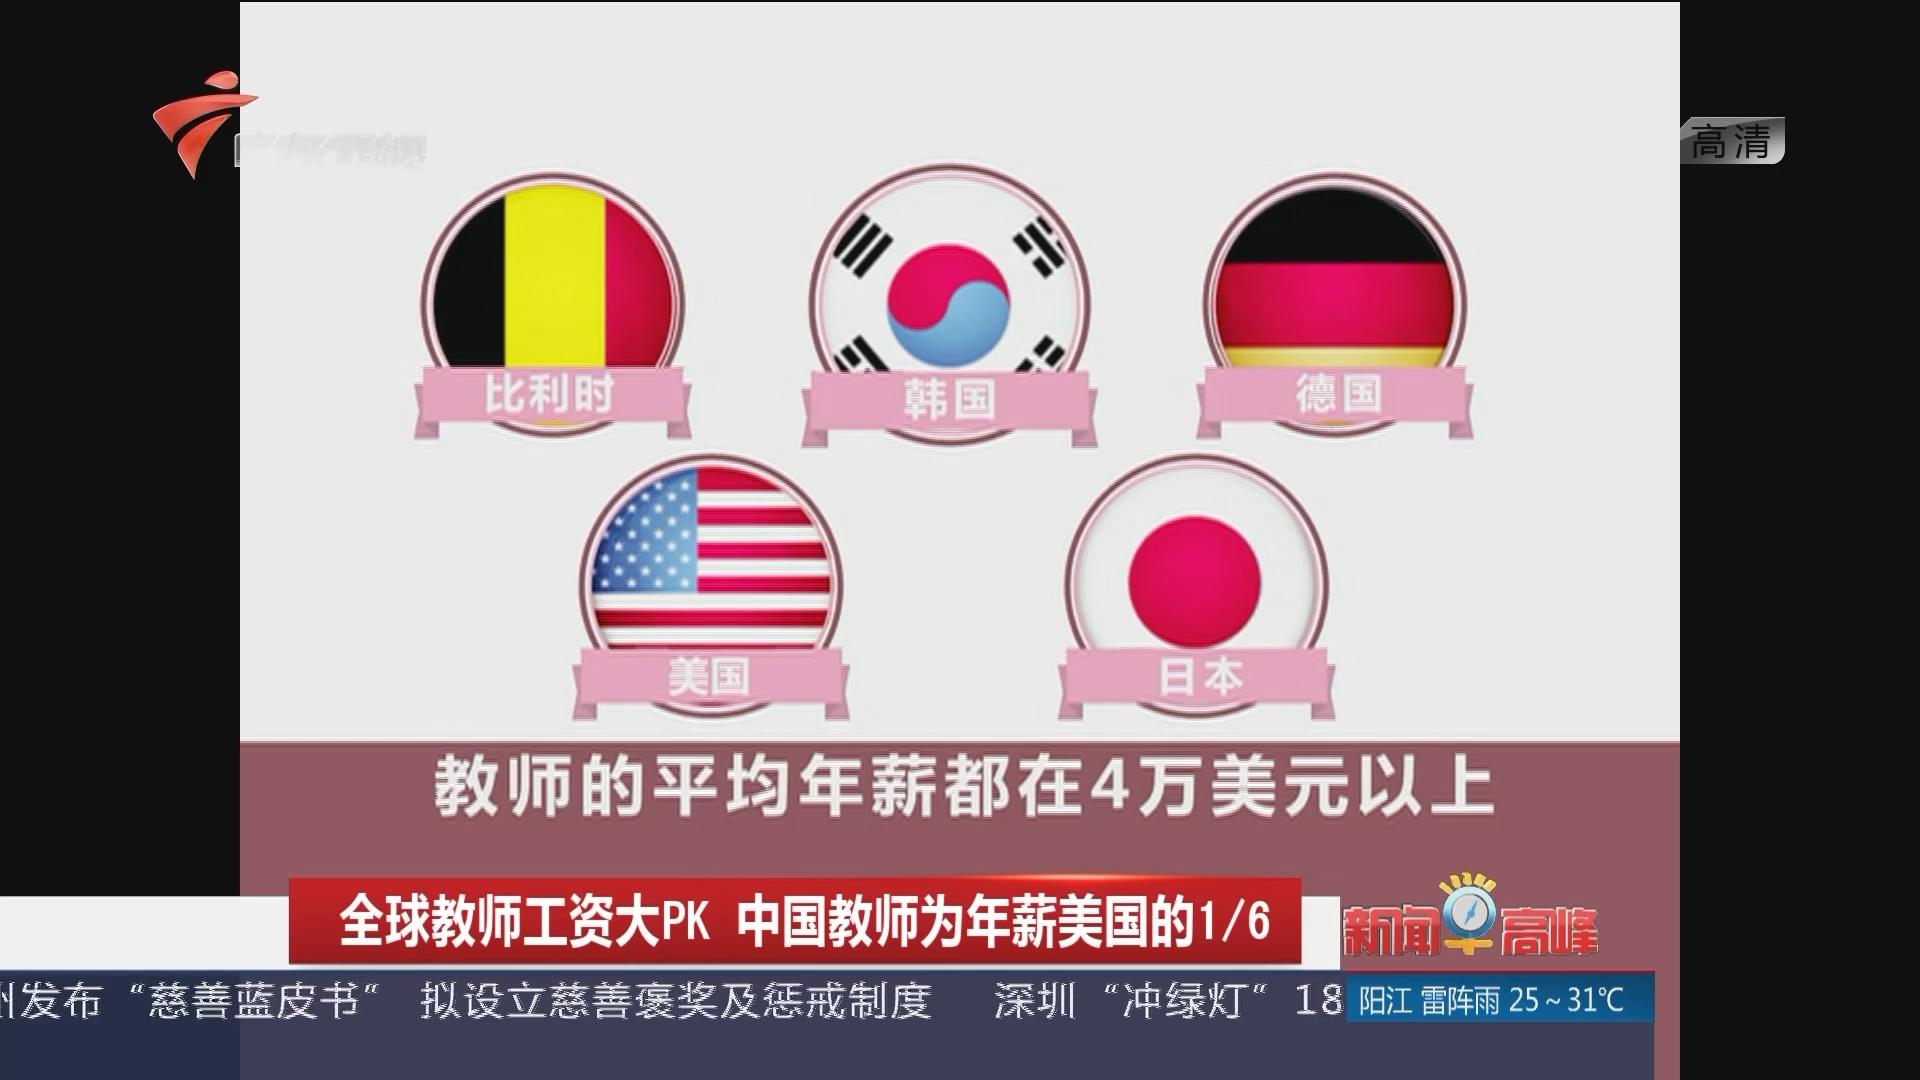 全球教师工资大pk 中国教师为年薪美国的1/6_新闻早